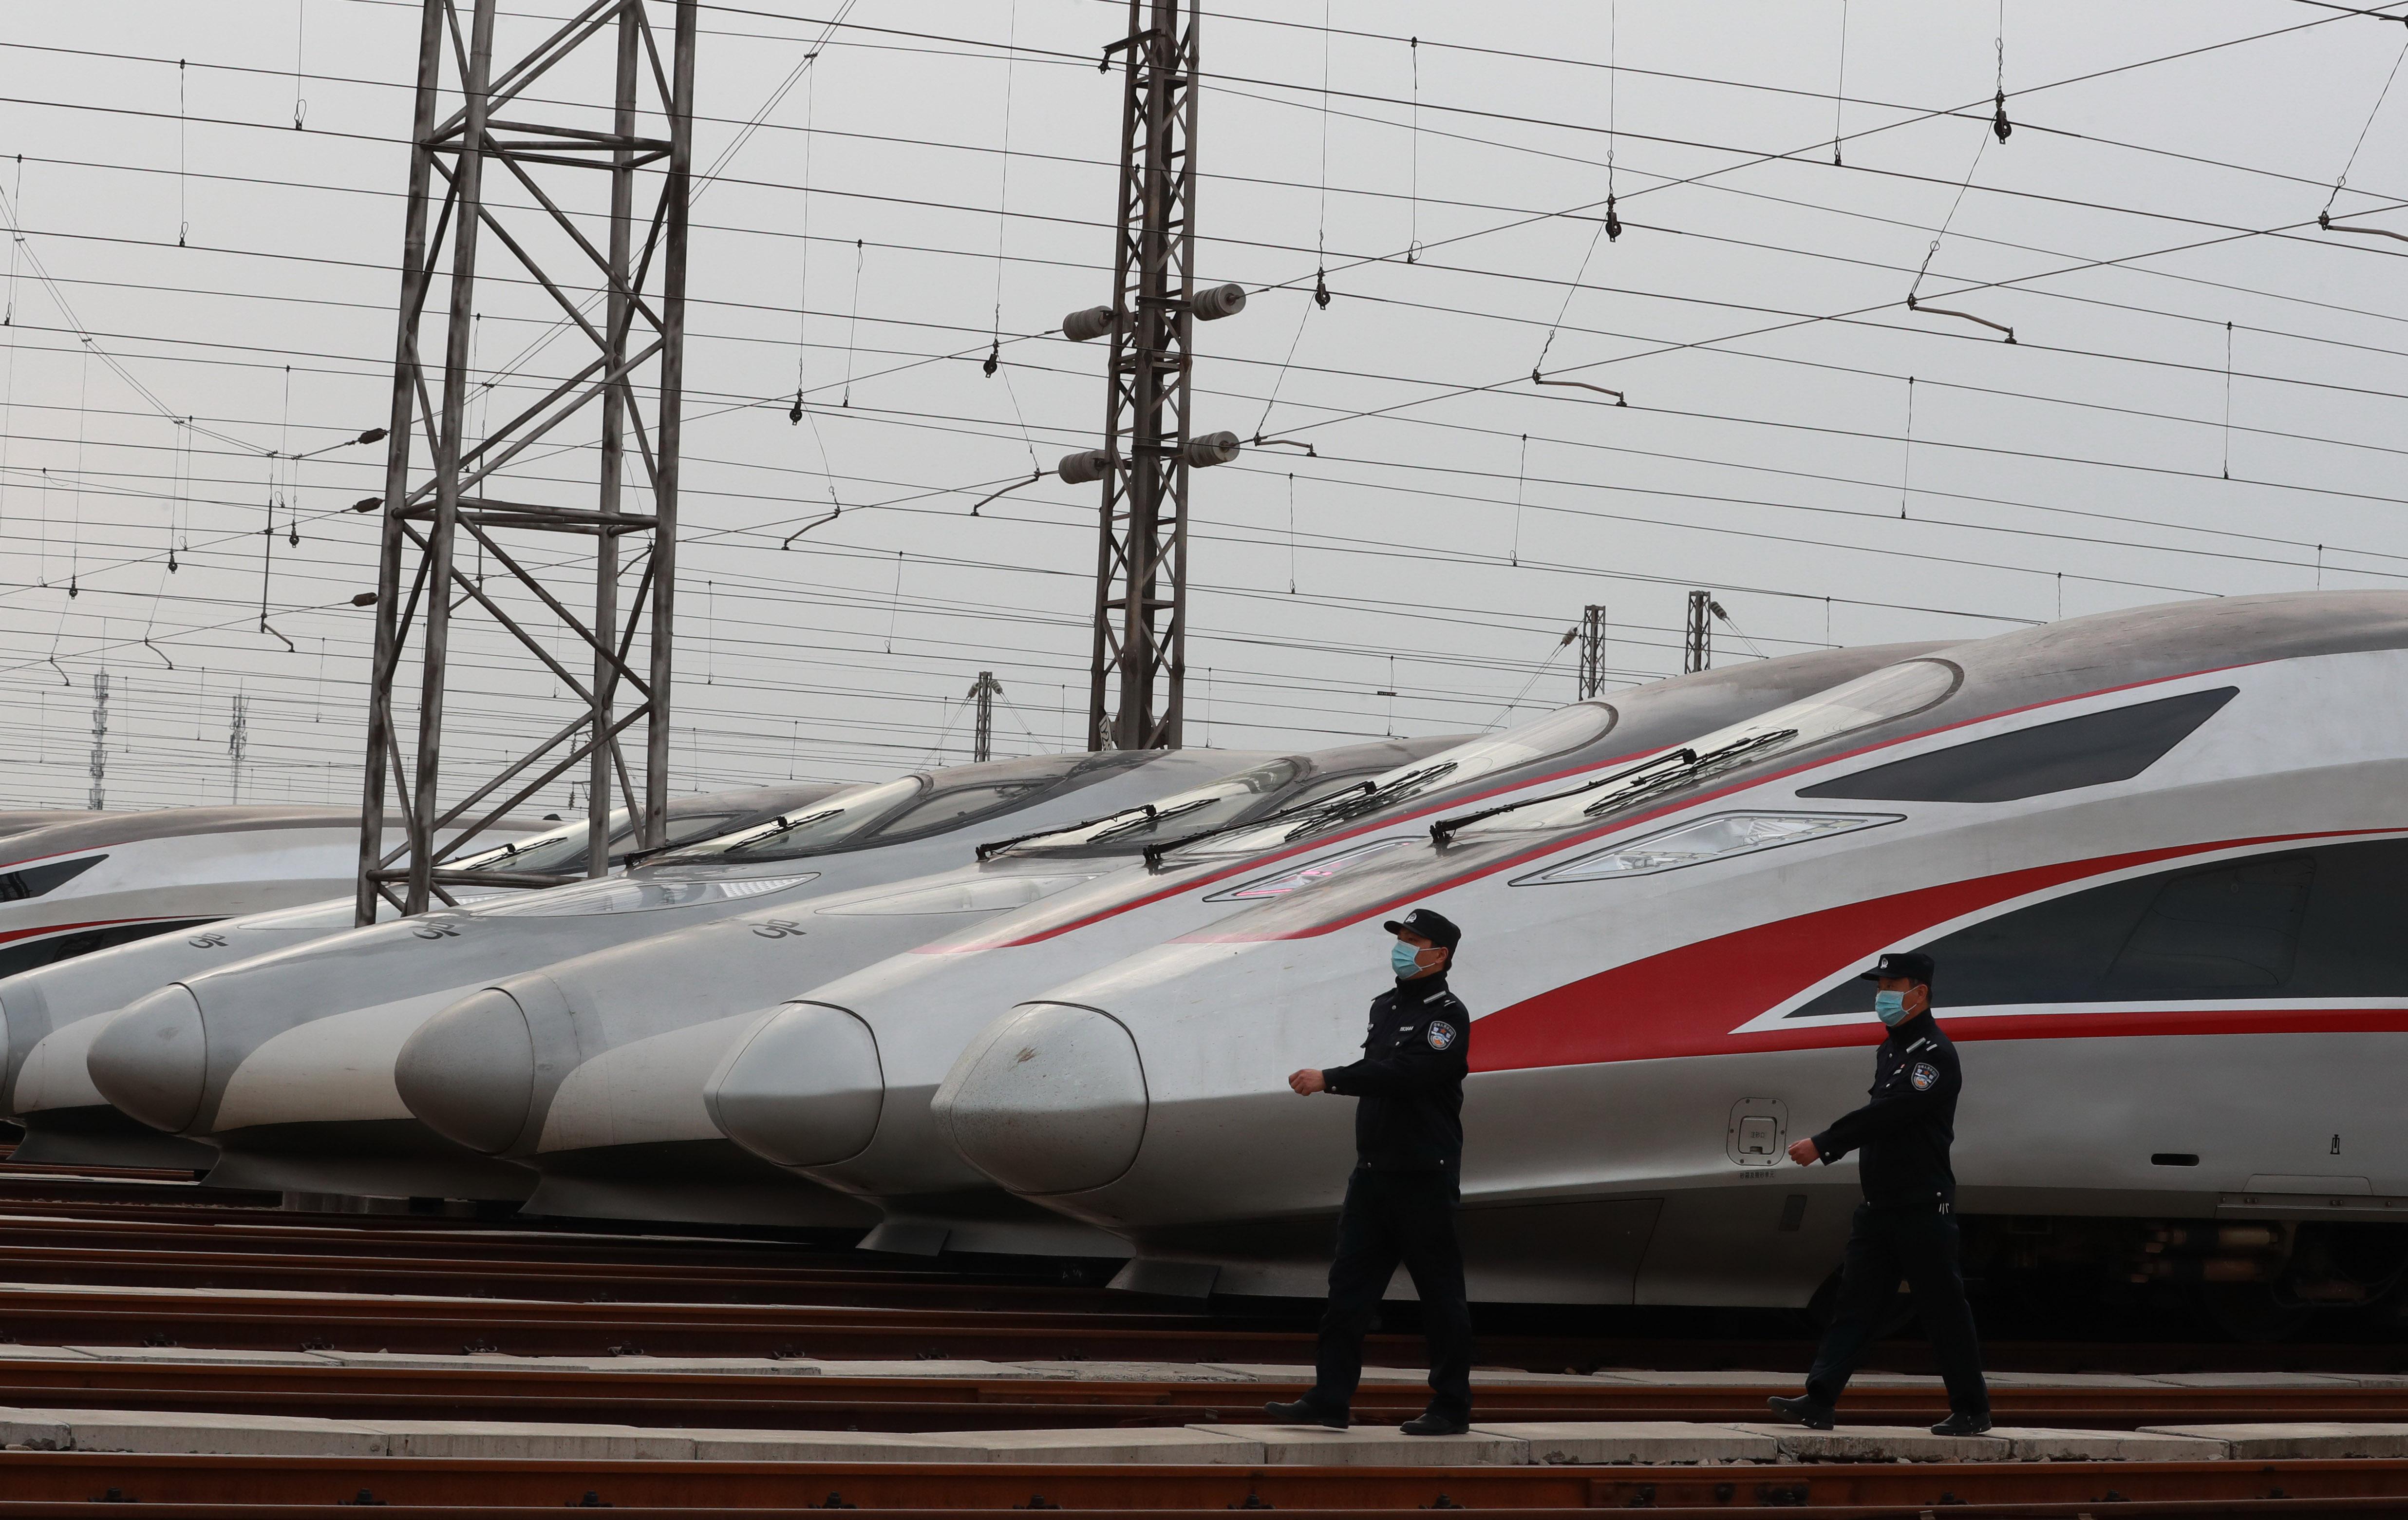 武漢で列車の運行再開準備進む、交通規制間もなく解除へ